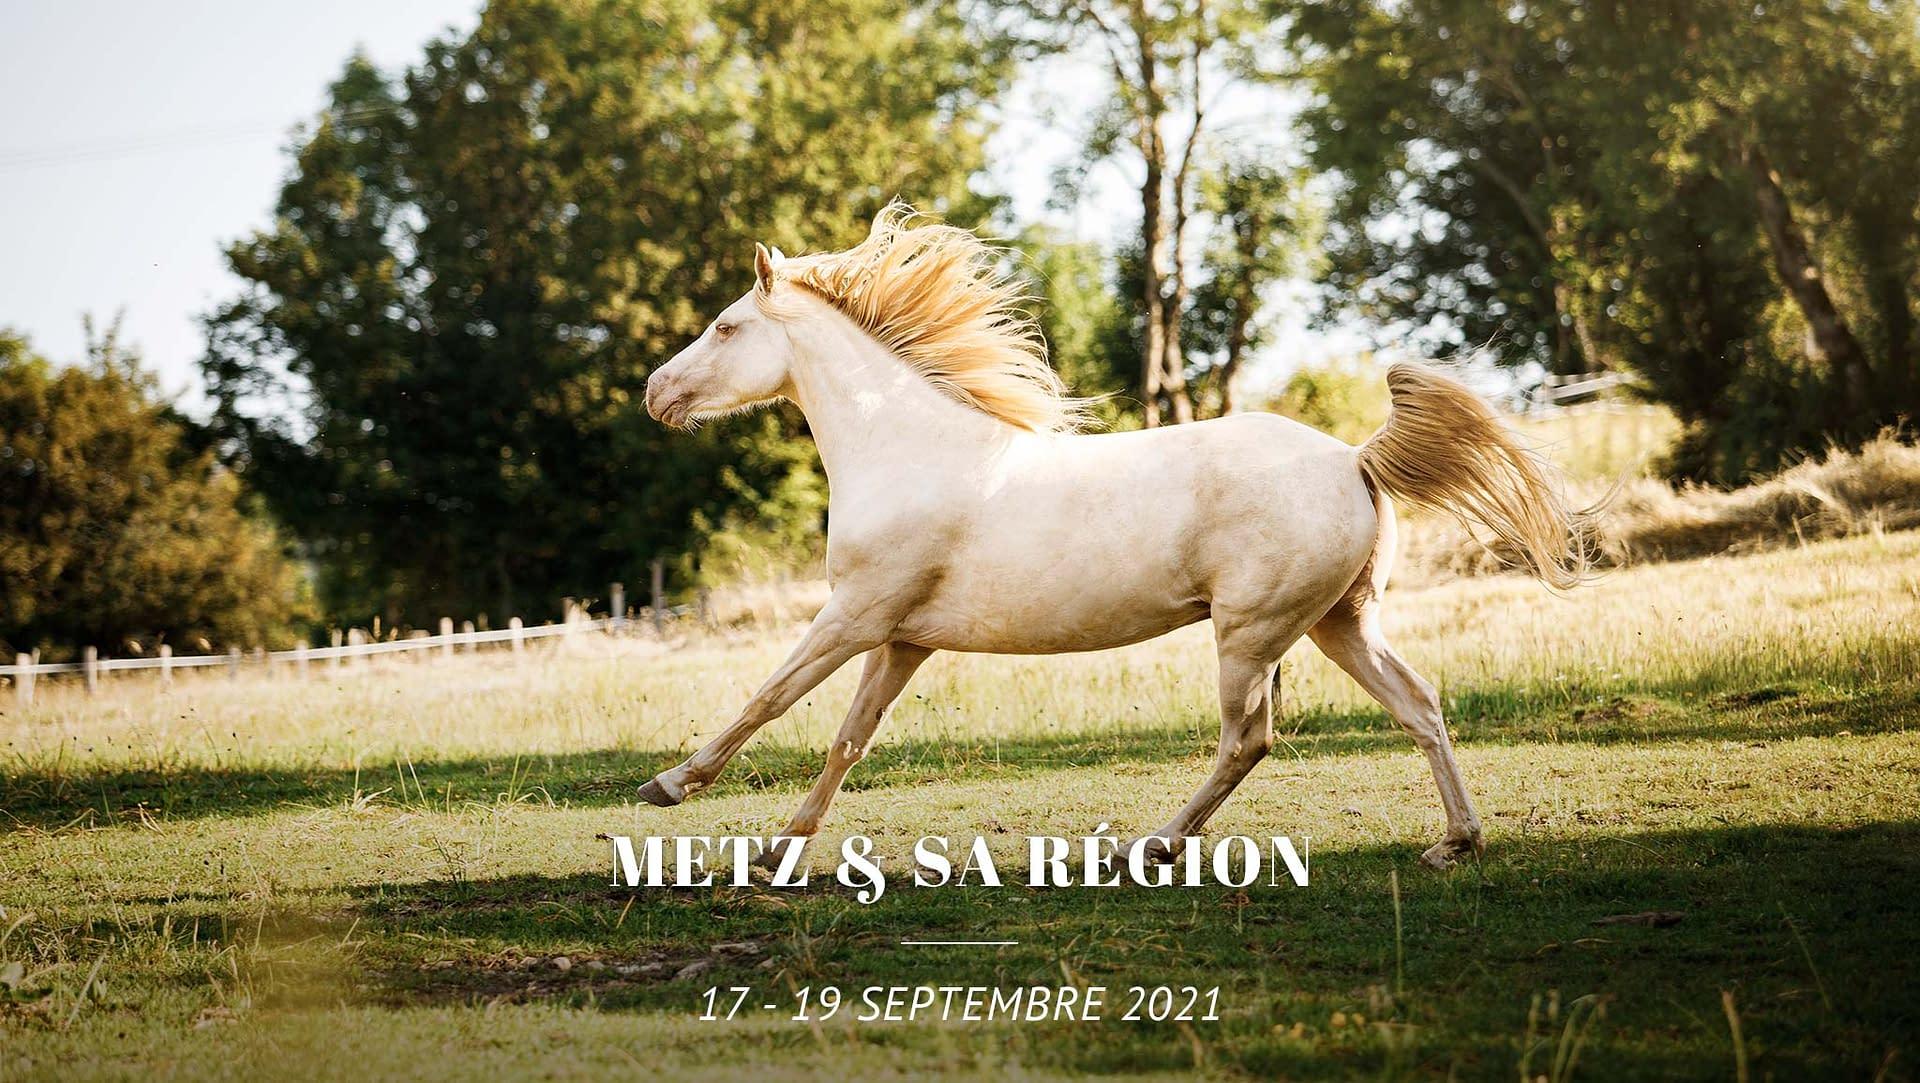 Tournée photo Metz Moselle